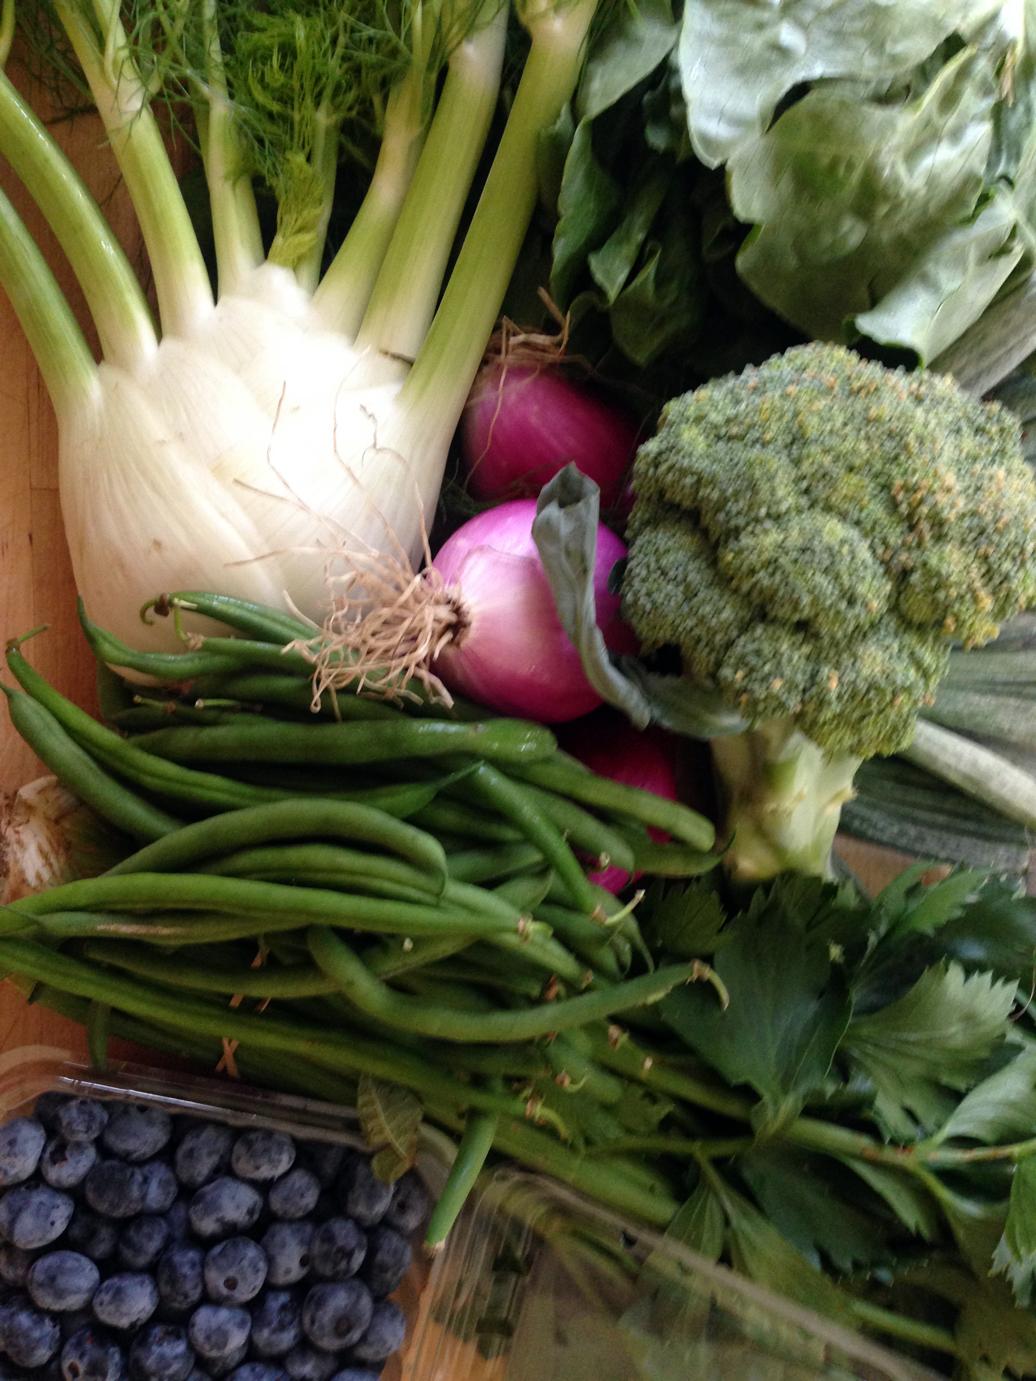 Fennel, onions, lettuce, broccoli, celery, green beans, blueberries.